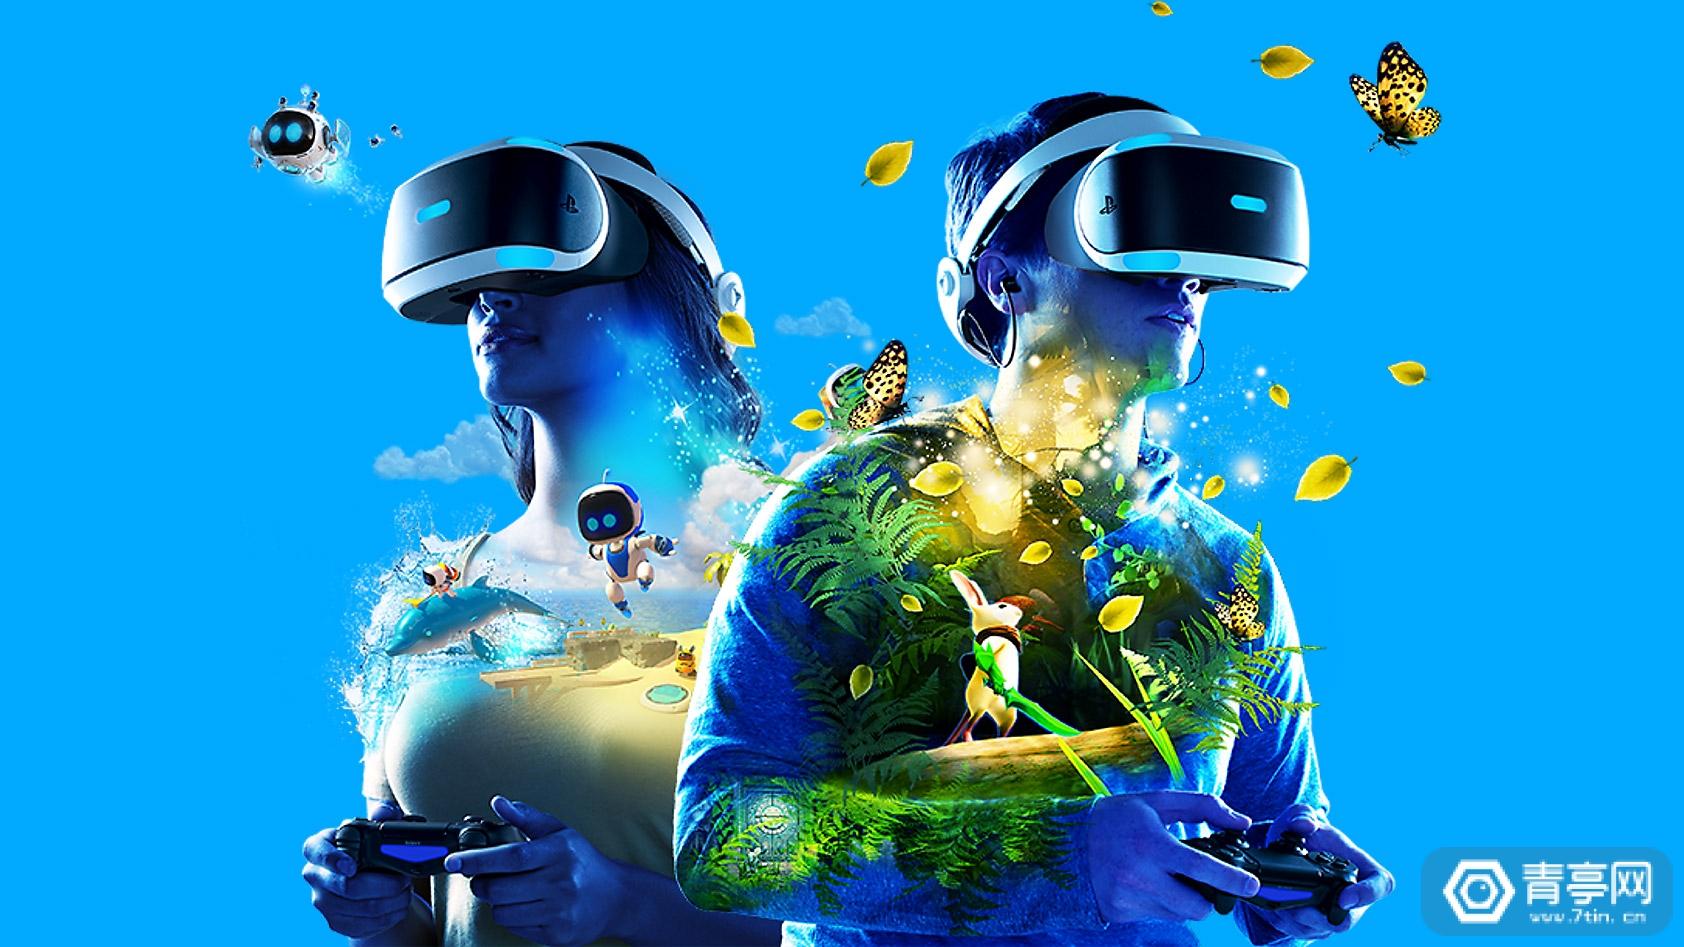 关于下一代PS VR,我最期待哪些功能